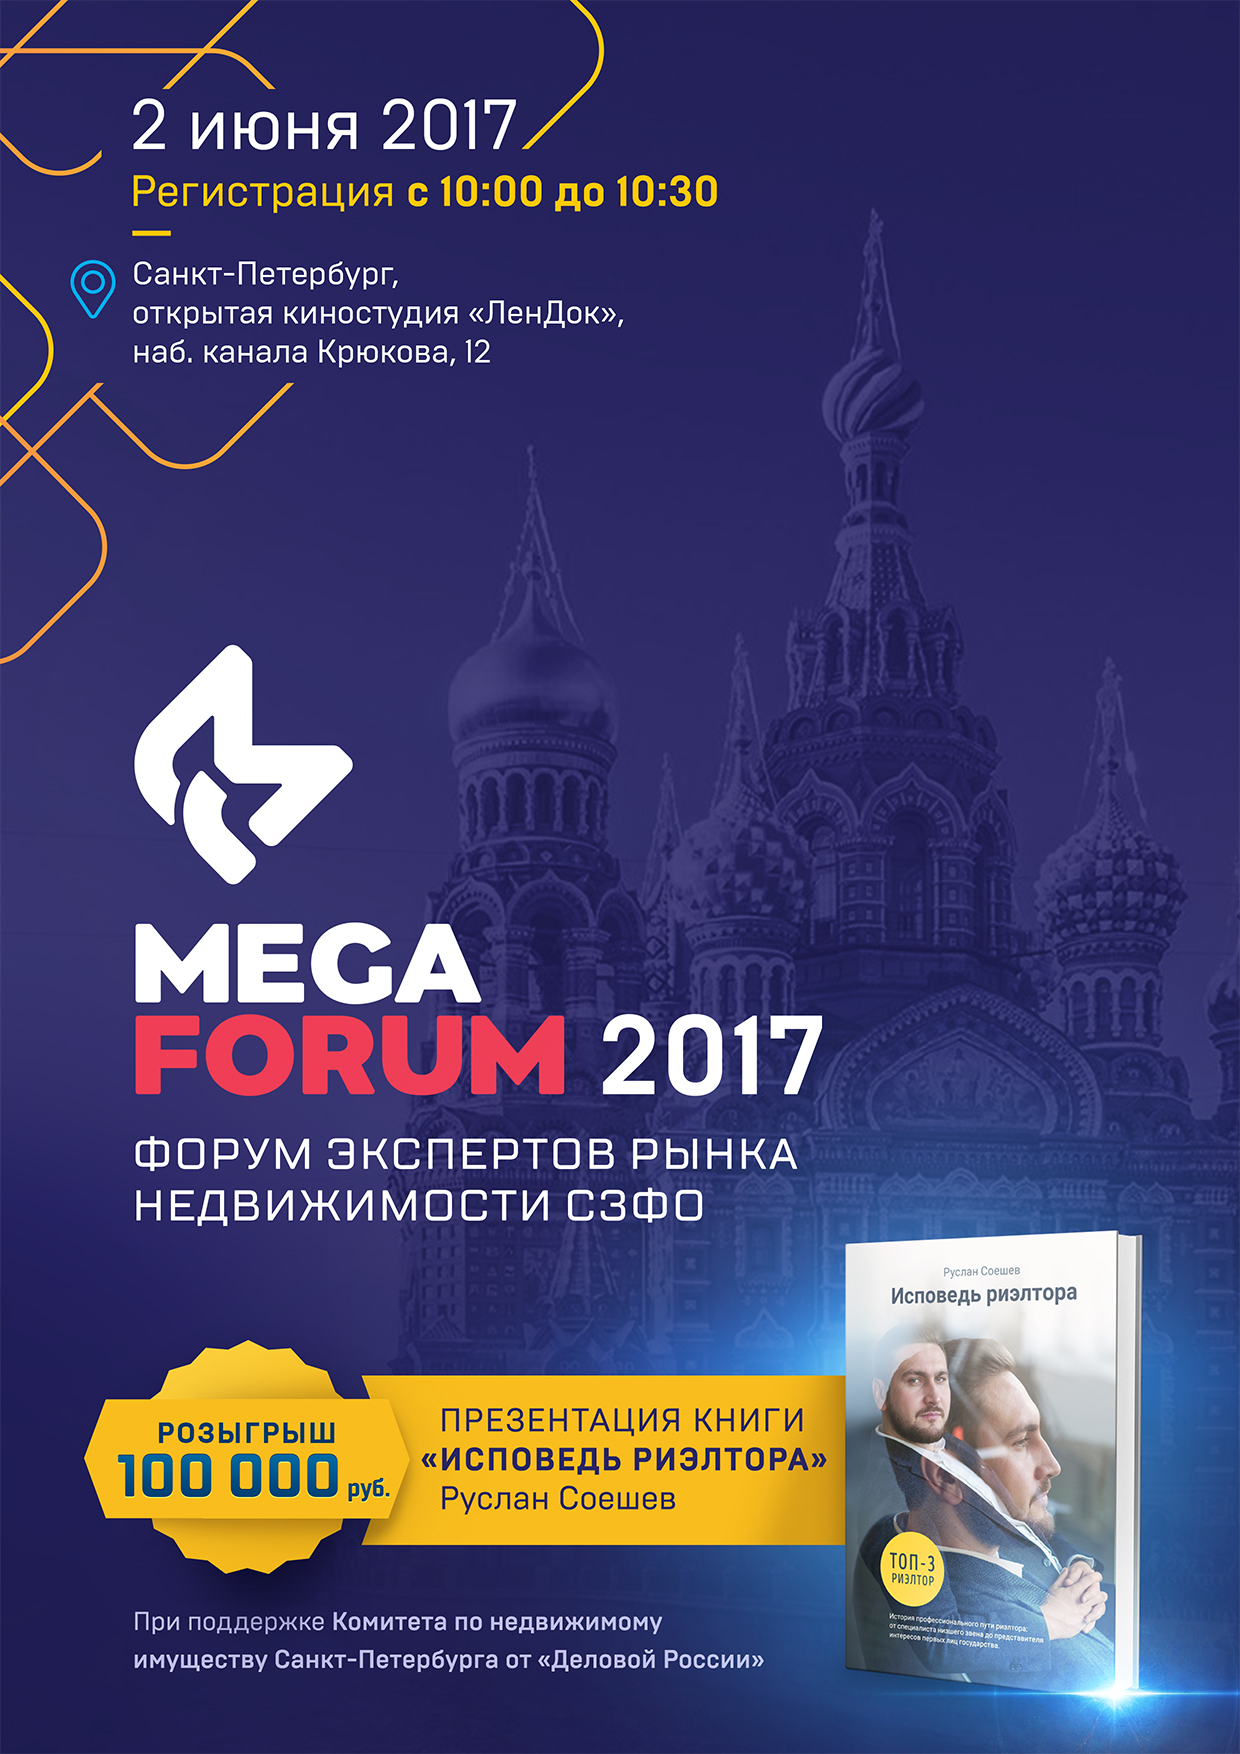 MEGAFORUM 2017 - конференция риэлторов